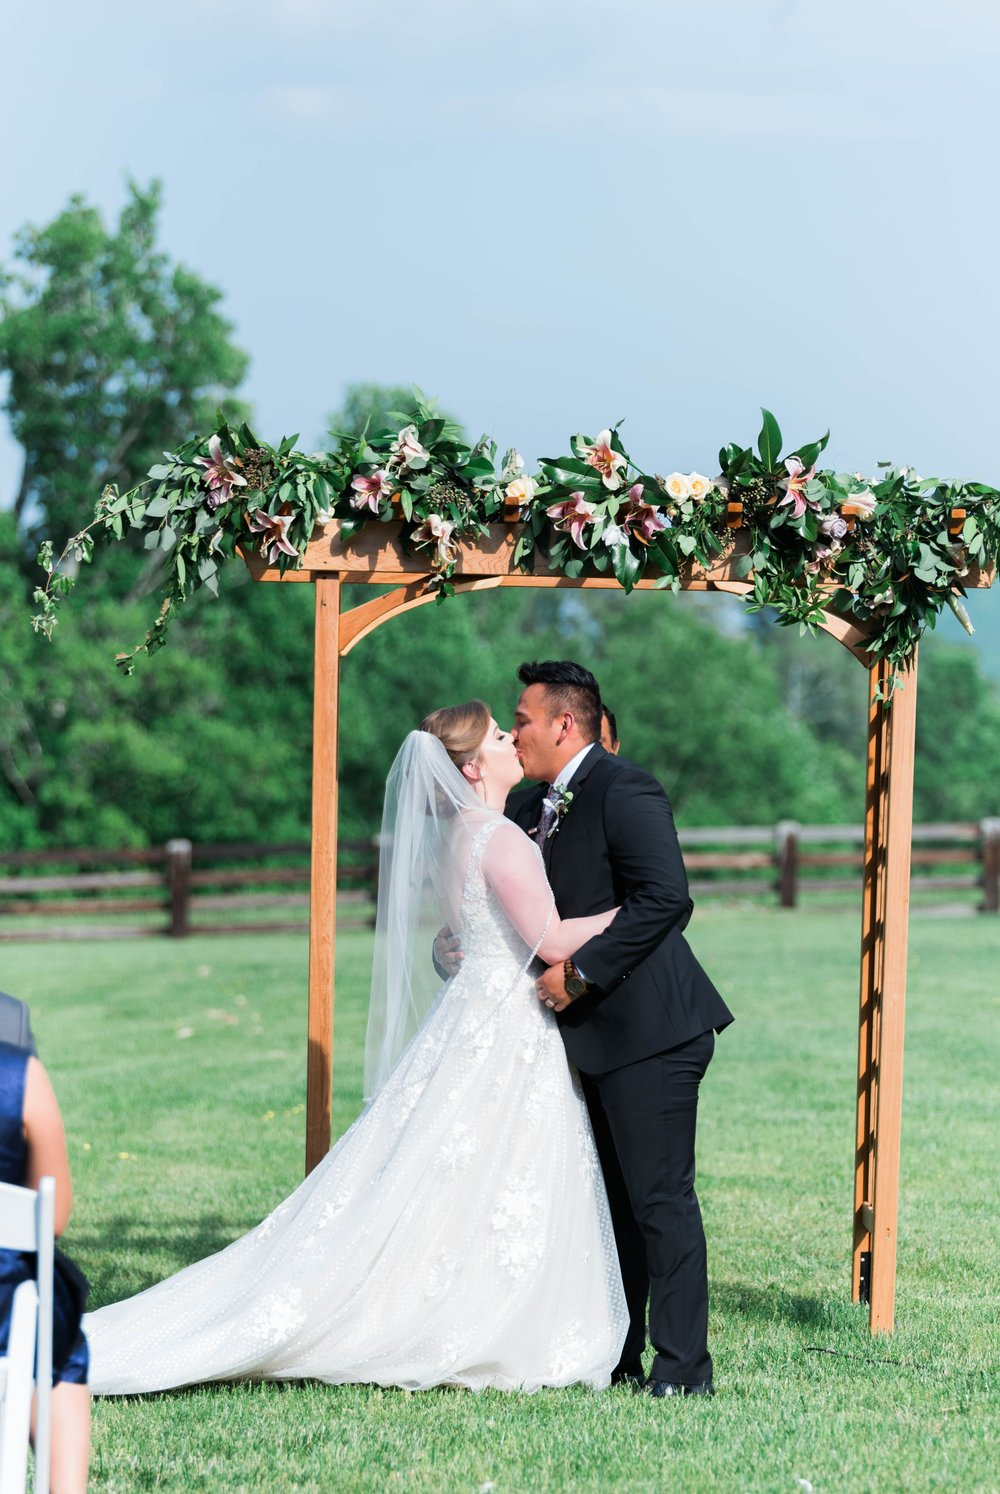 Jillian+Abi_OakridgeEstate_Wedding_VirginiaWeddingPhotographer_SpringWedding 9.jpg